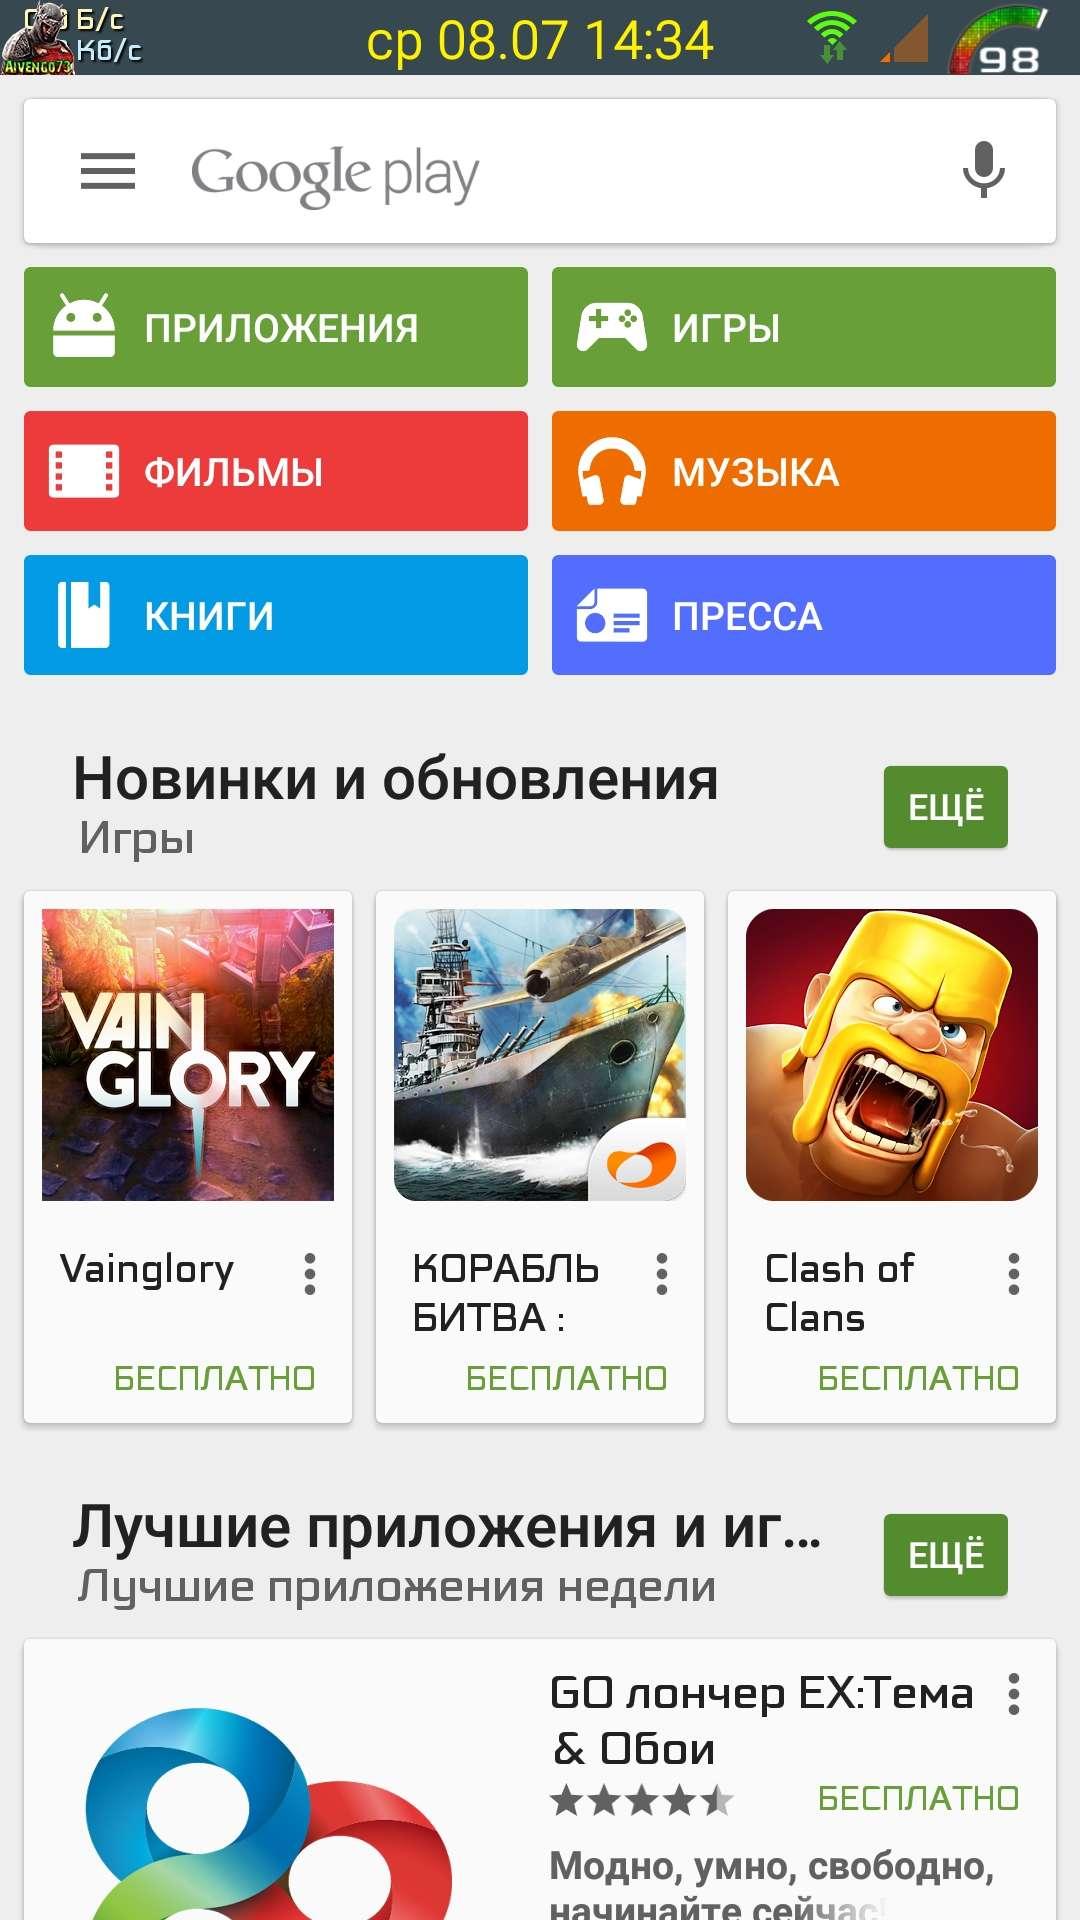 Ответы@www.poegosledam.ru: Где скачать google play market для андроида ?